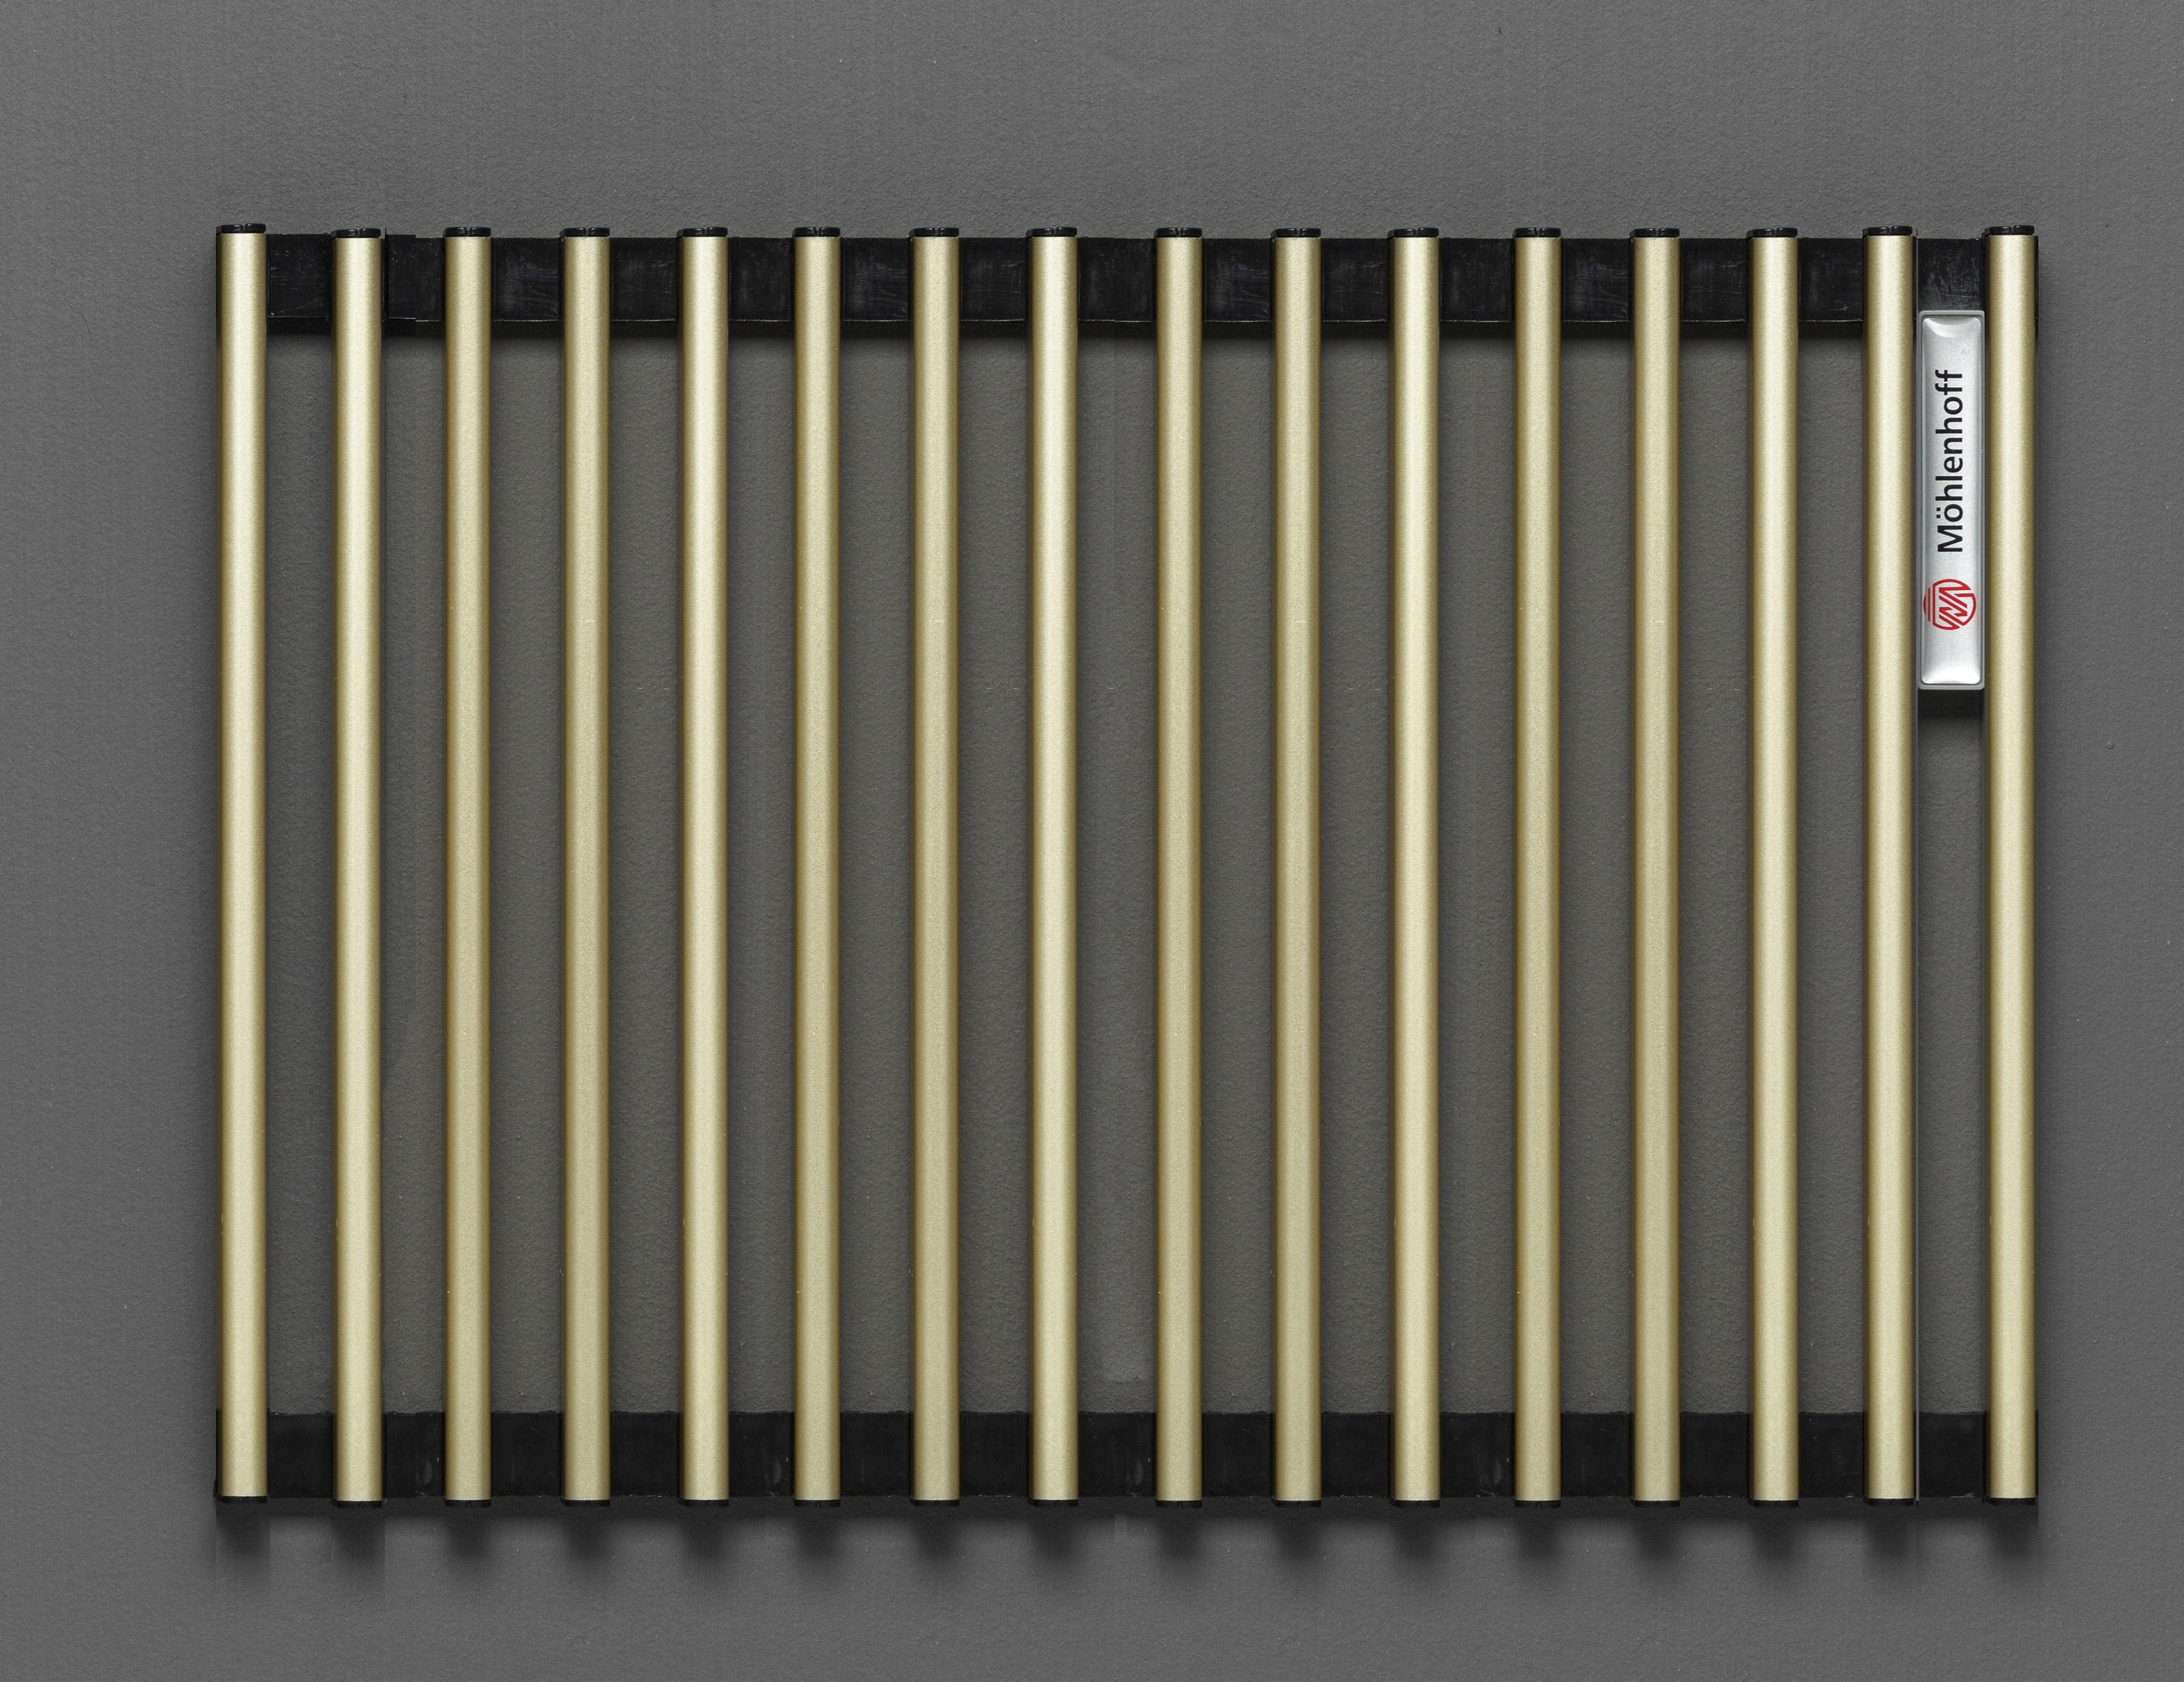 Купить Декоративная решётка Mohlenhoff светлая латунь, шириной 320 мм 1 пог. м, Россия